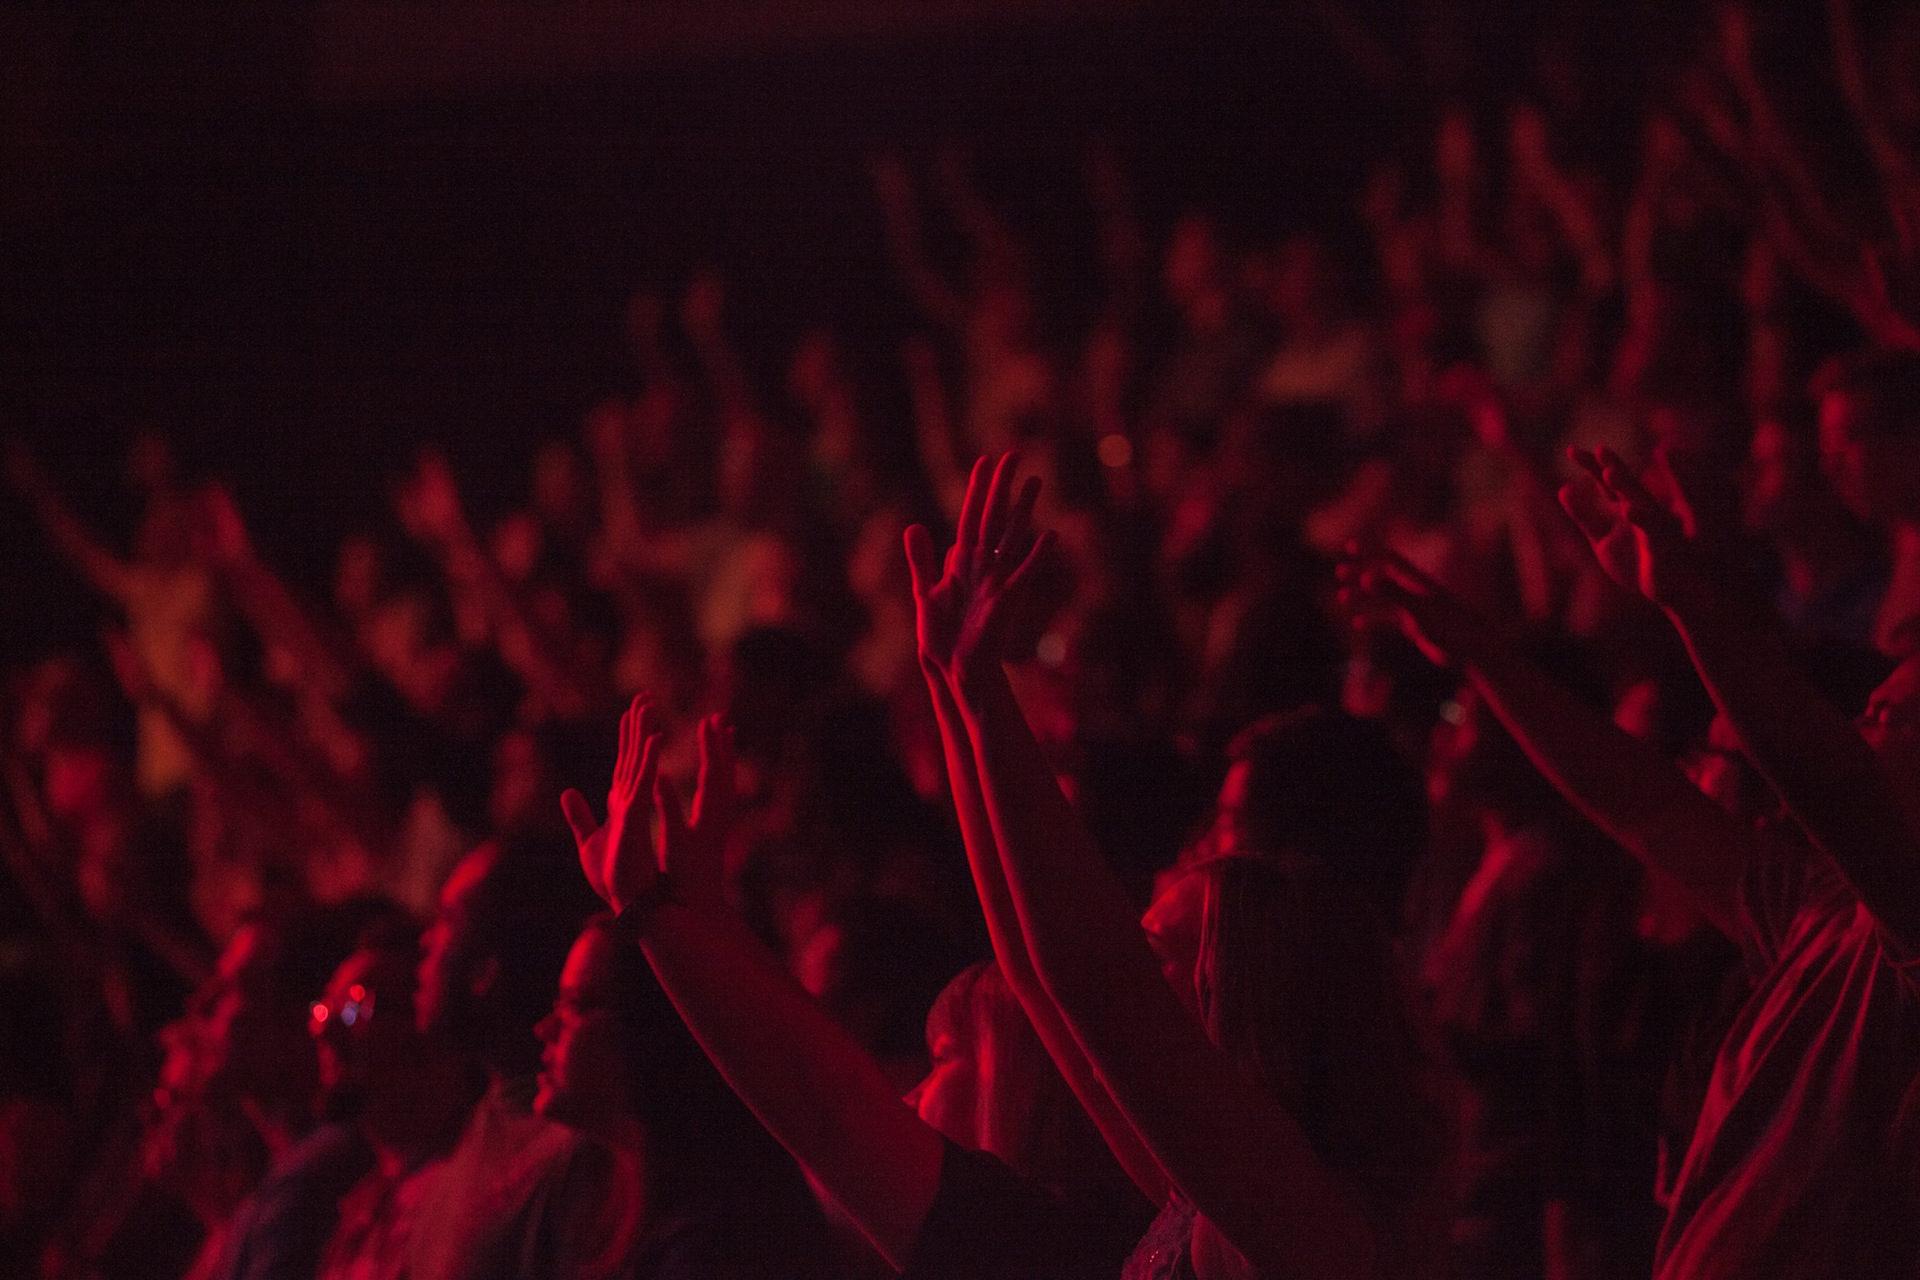 concert, musique, Voir l'établissement, spectateurs, Rouge - Fonds d'écran HD - Professor-falken.com